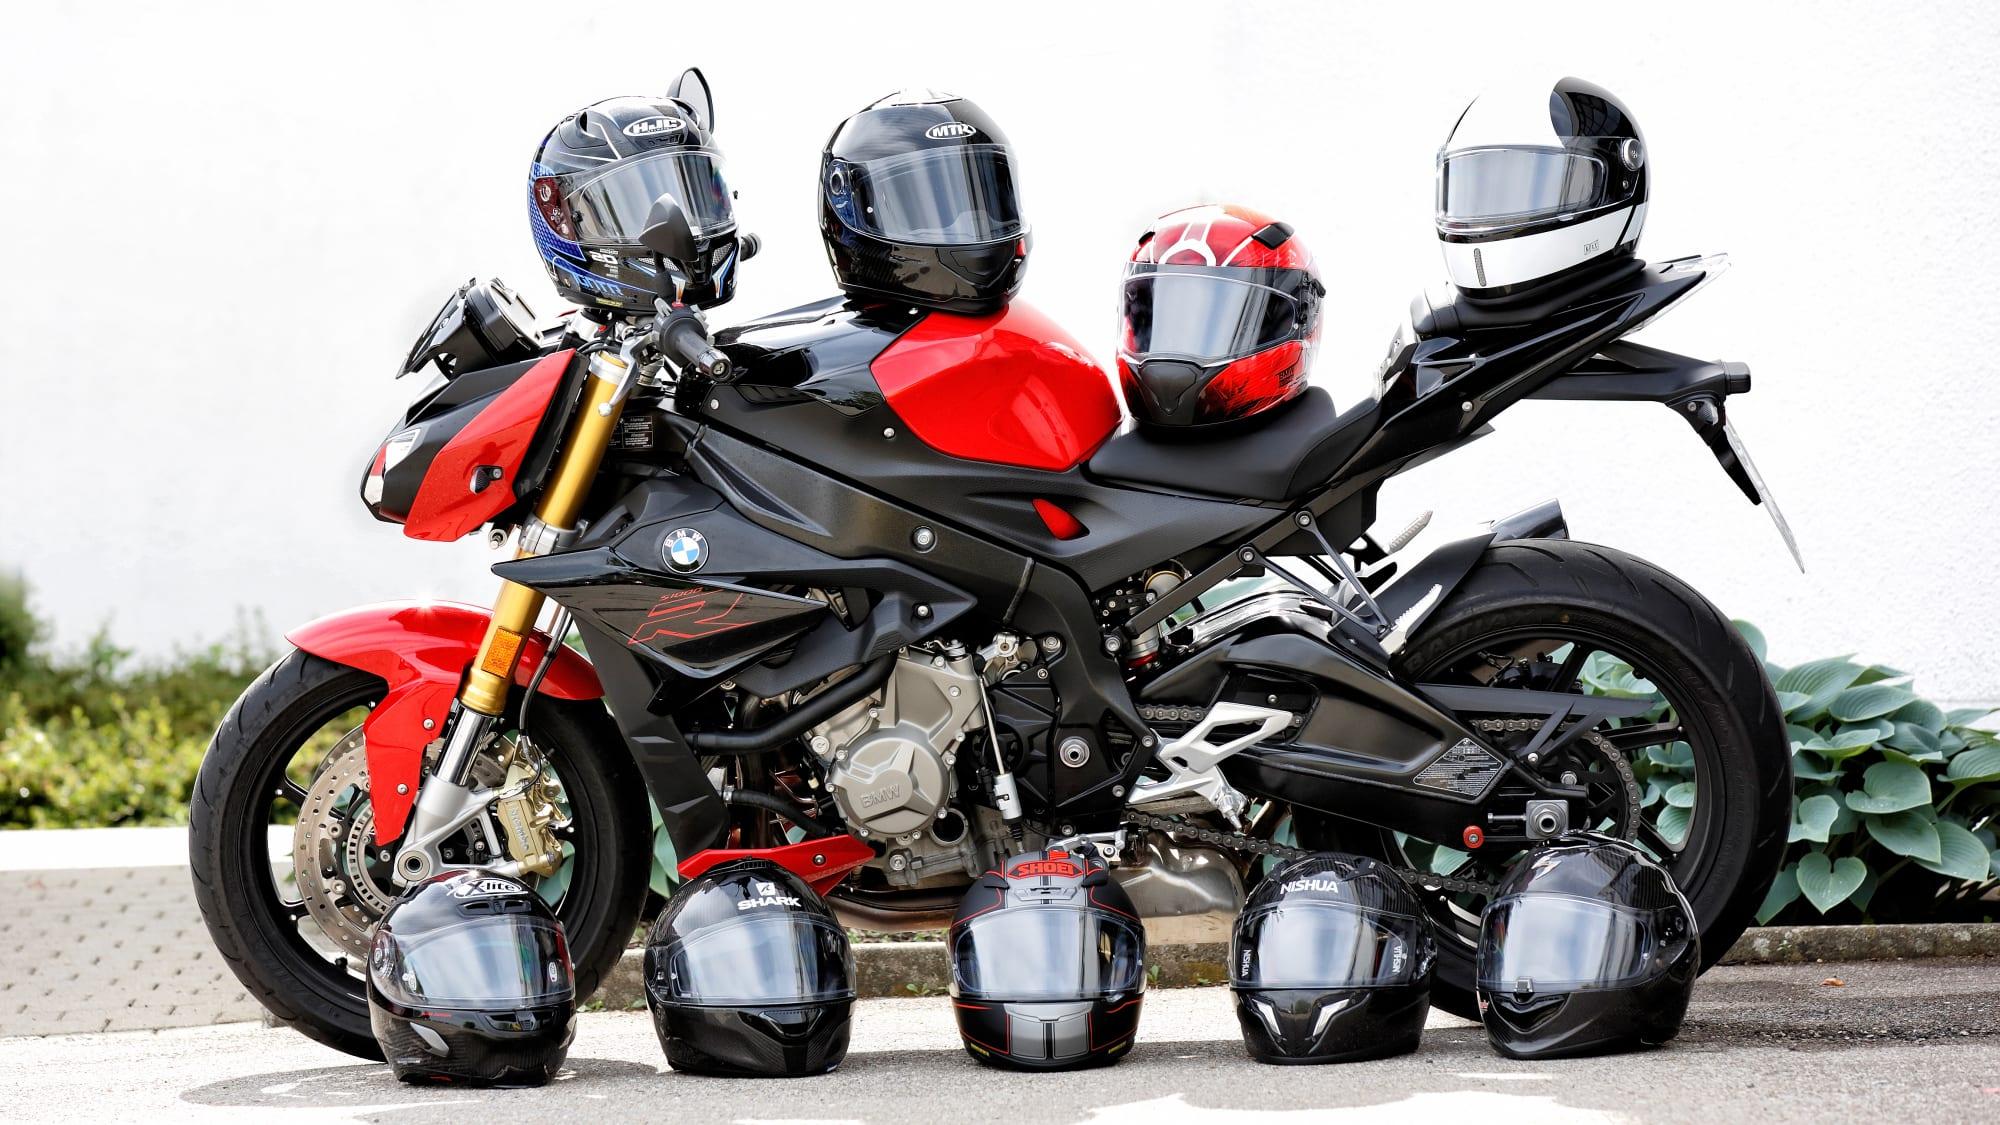 Motorradhelme liegen auf einem Motorrad